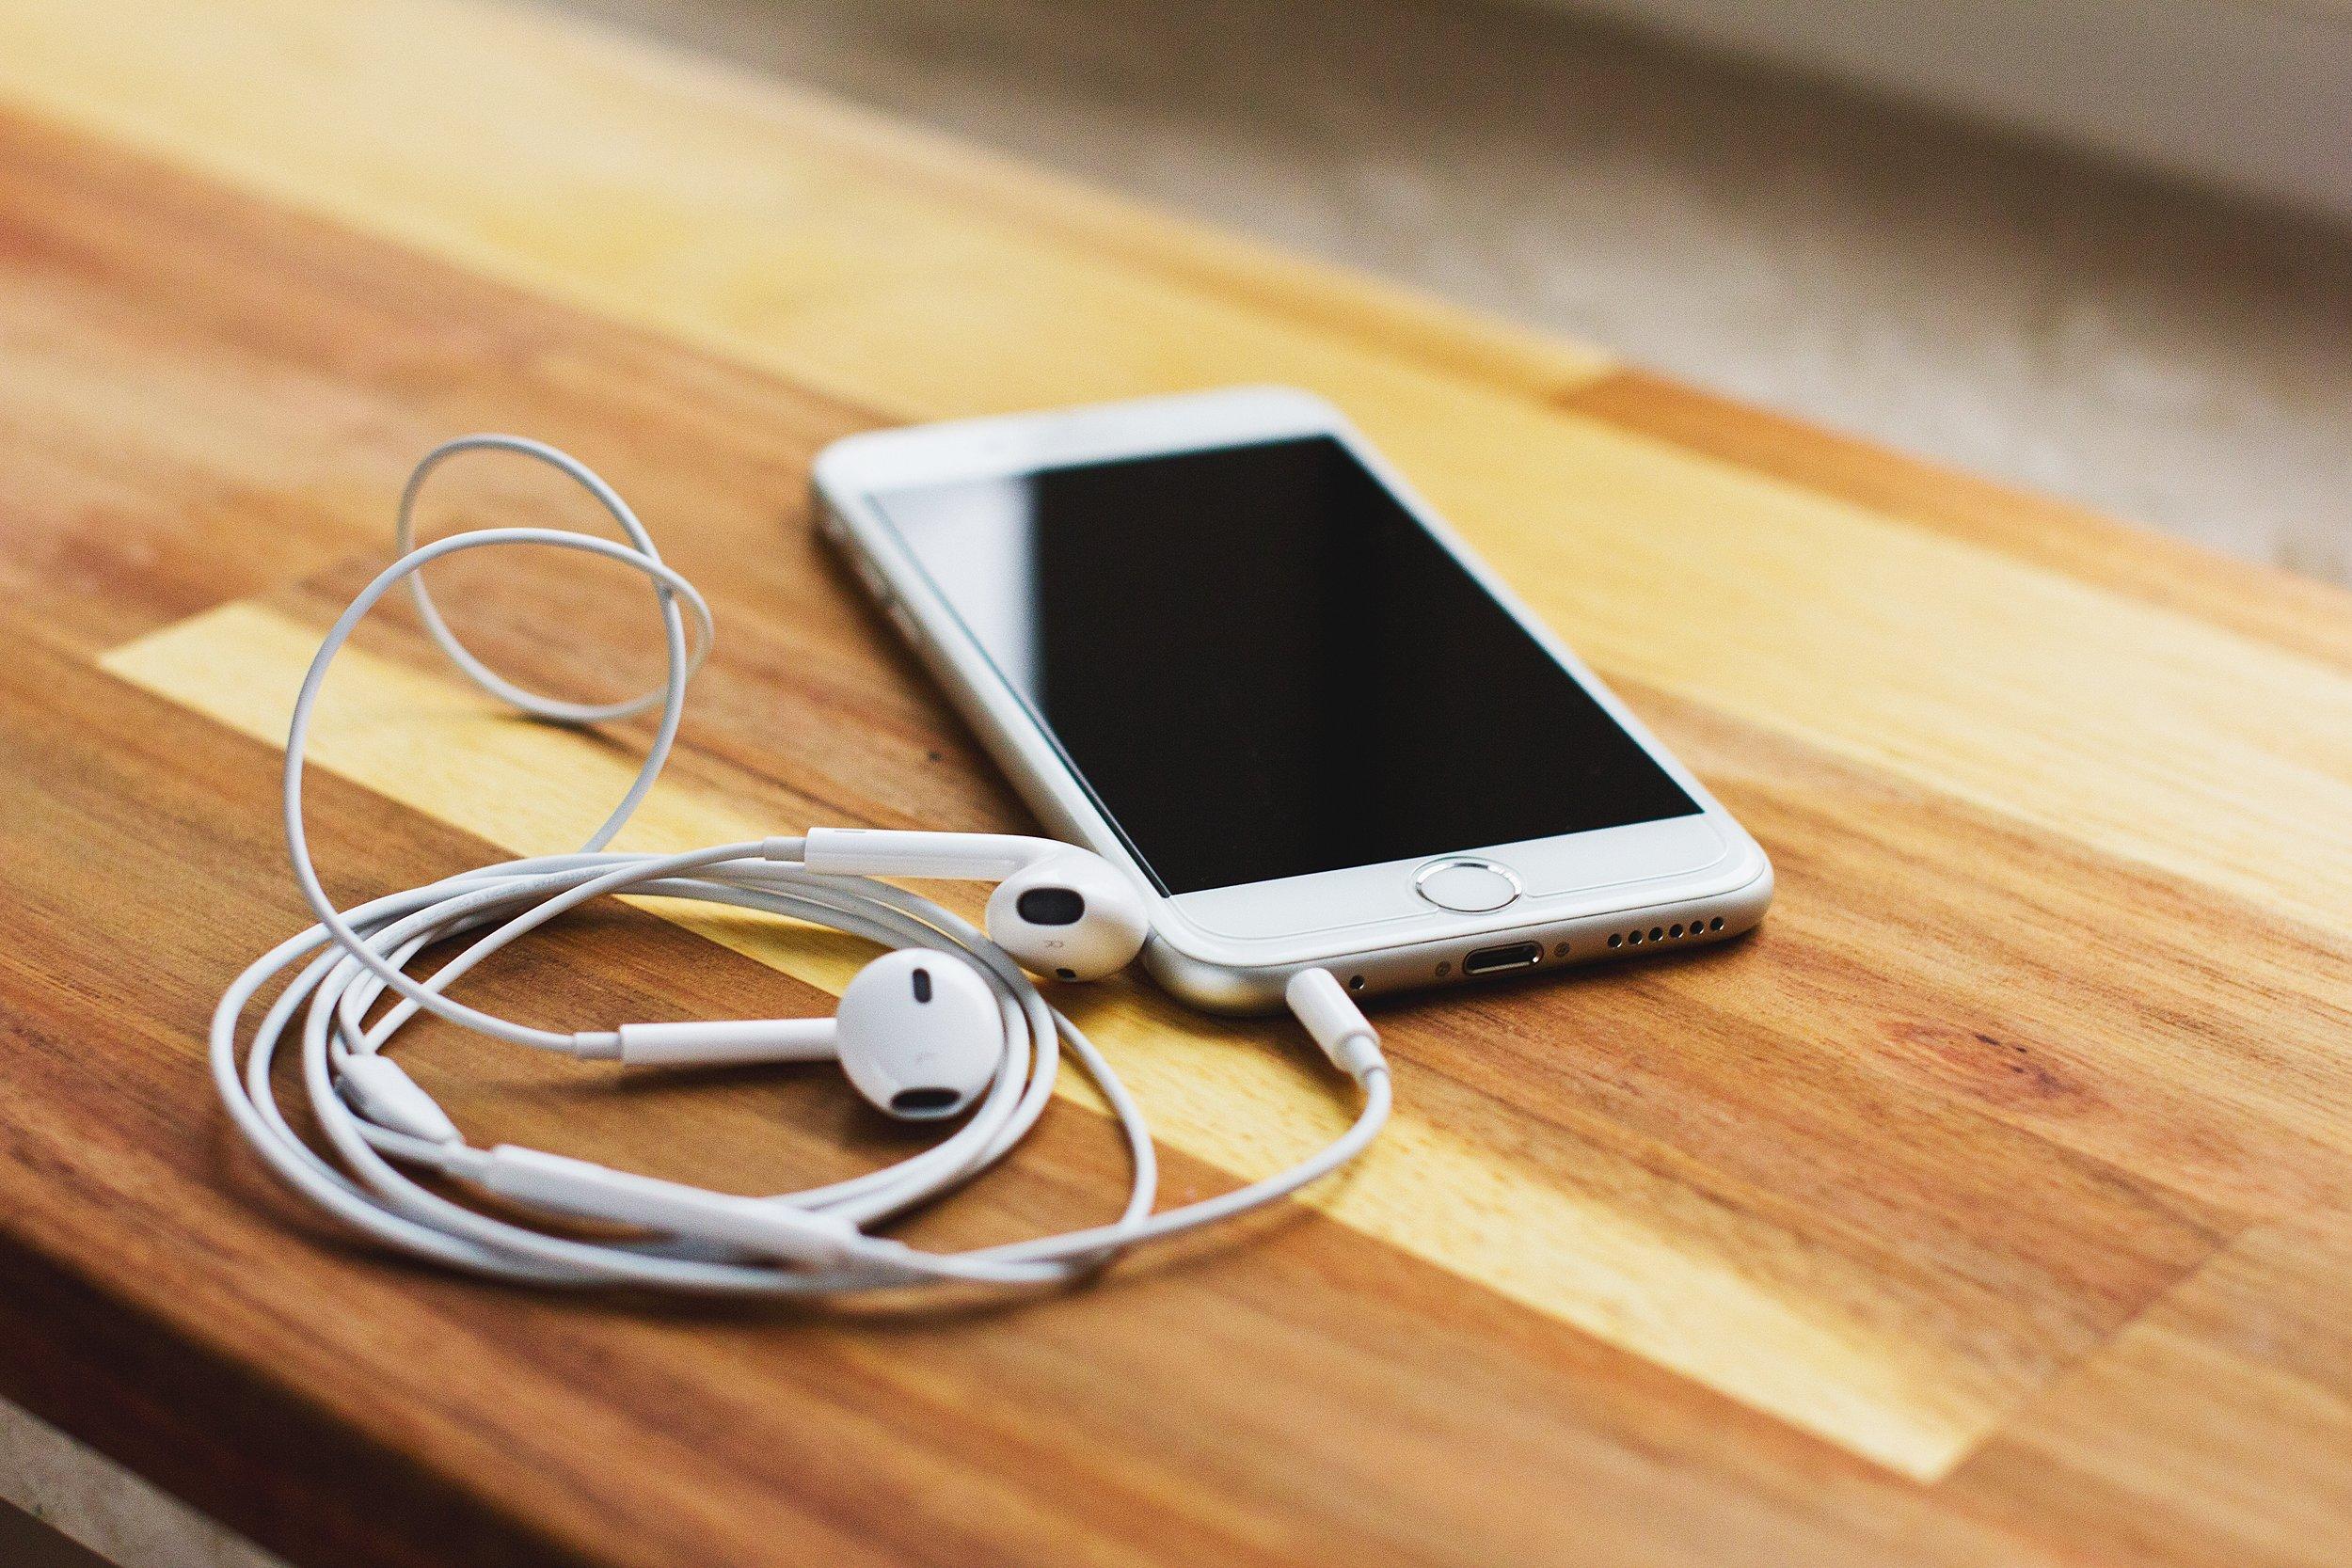 phonewithheadphones.jpg